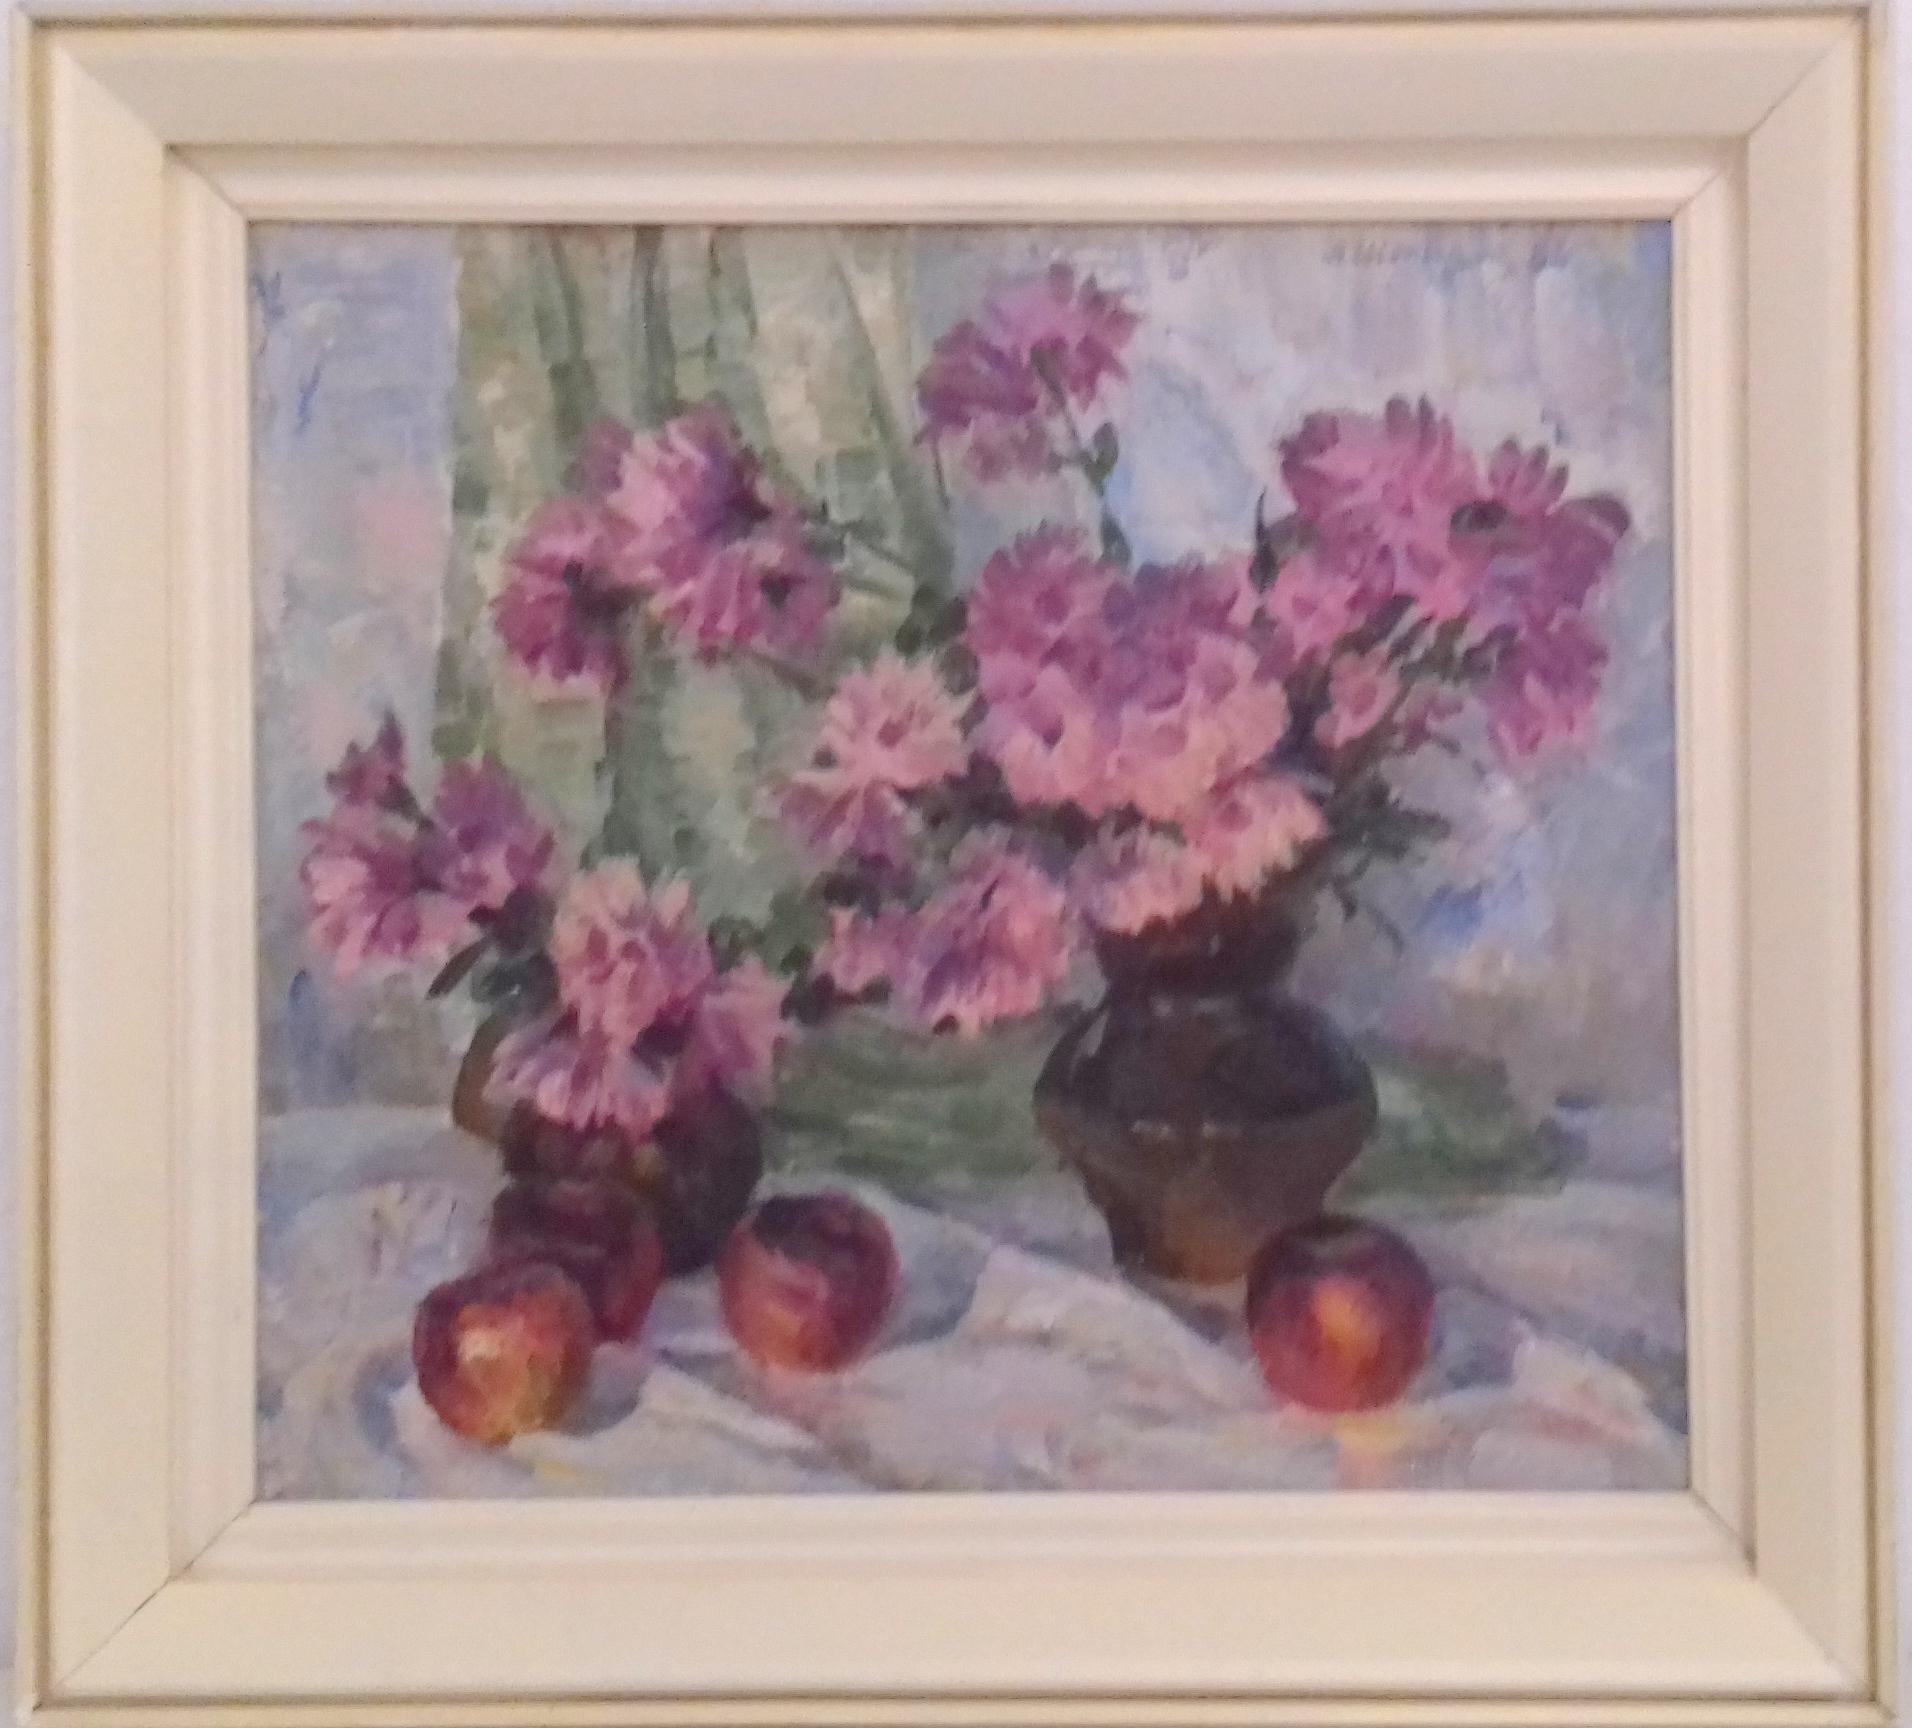 Цветы 45-50 см. холст, масло 1986  - 1